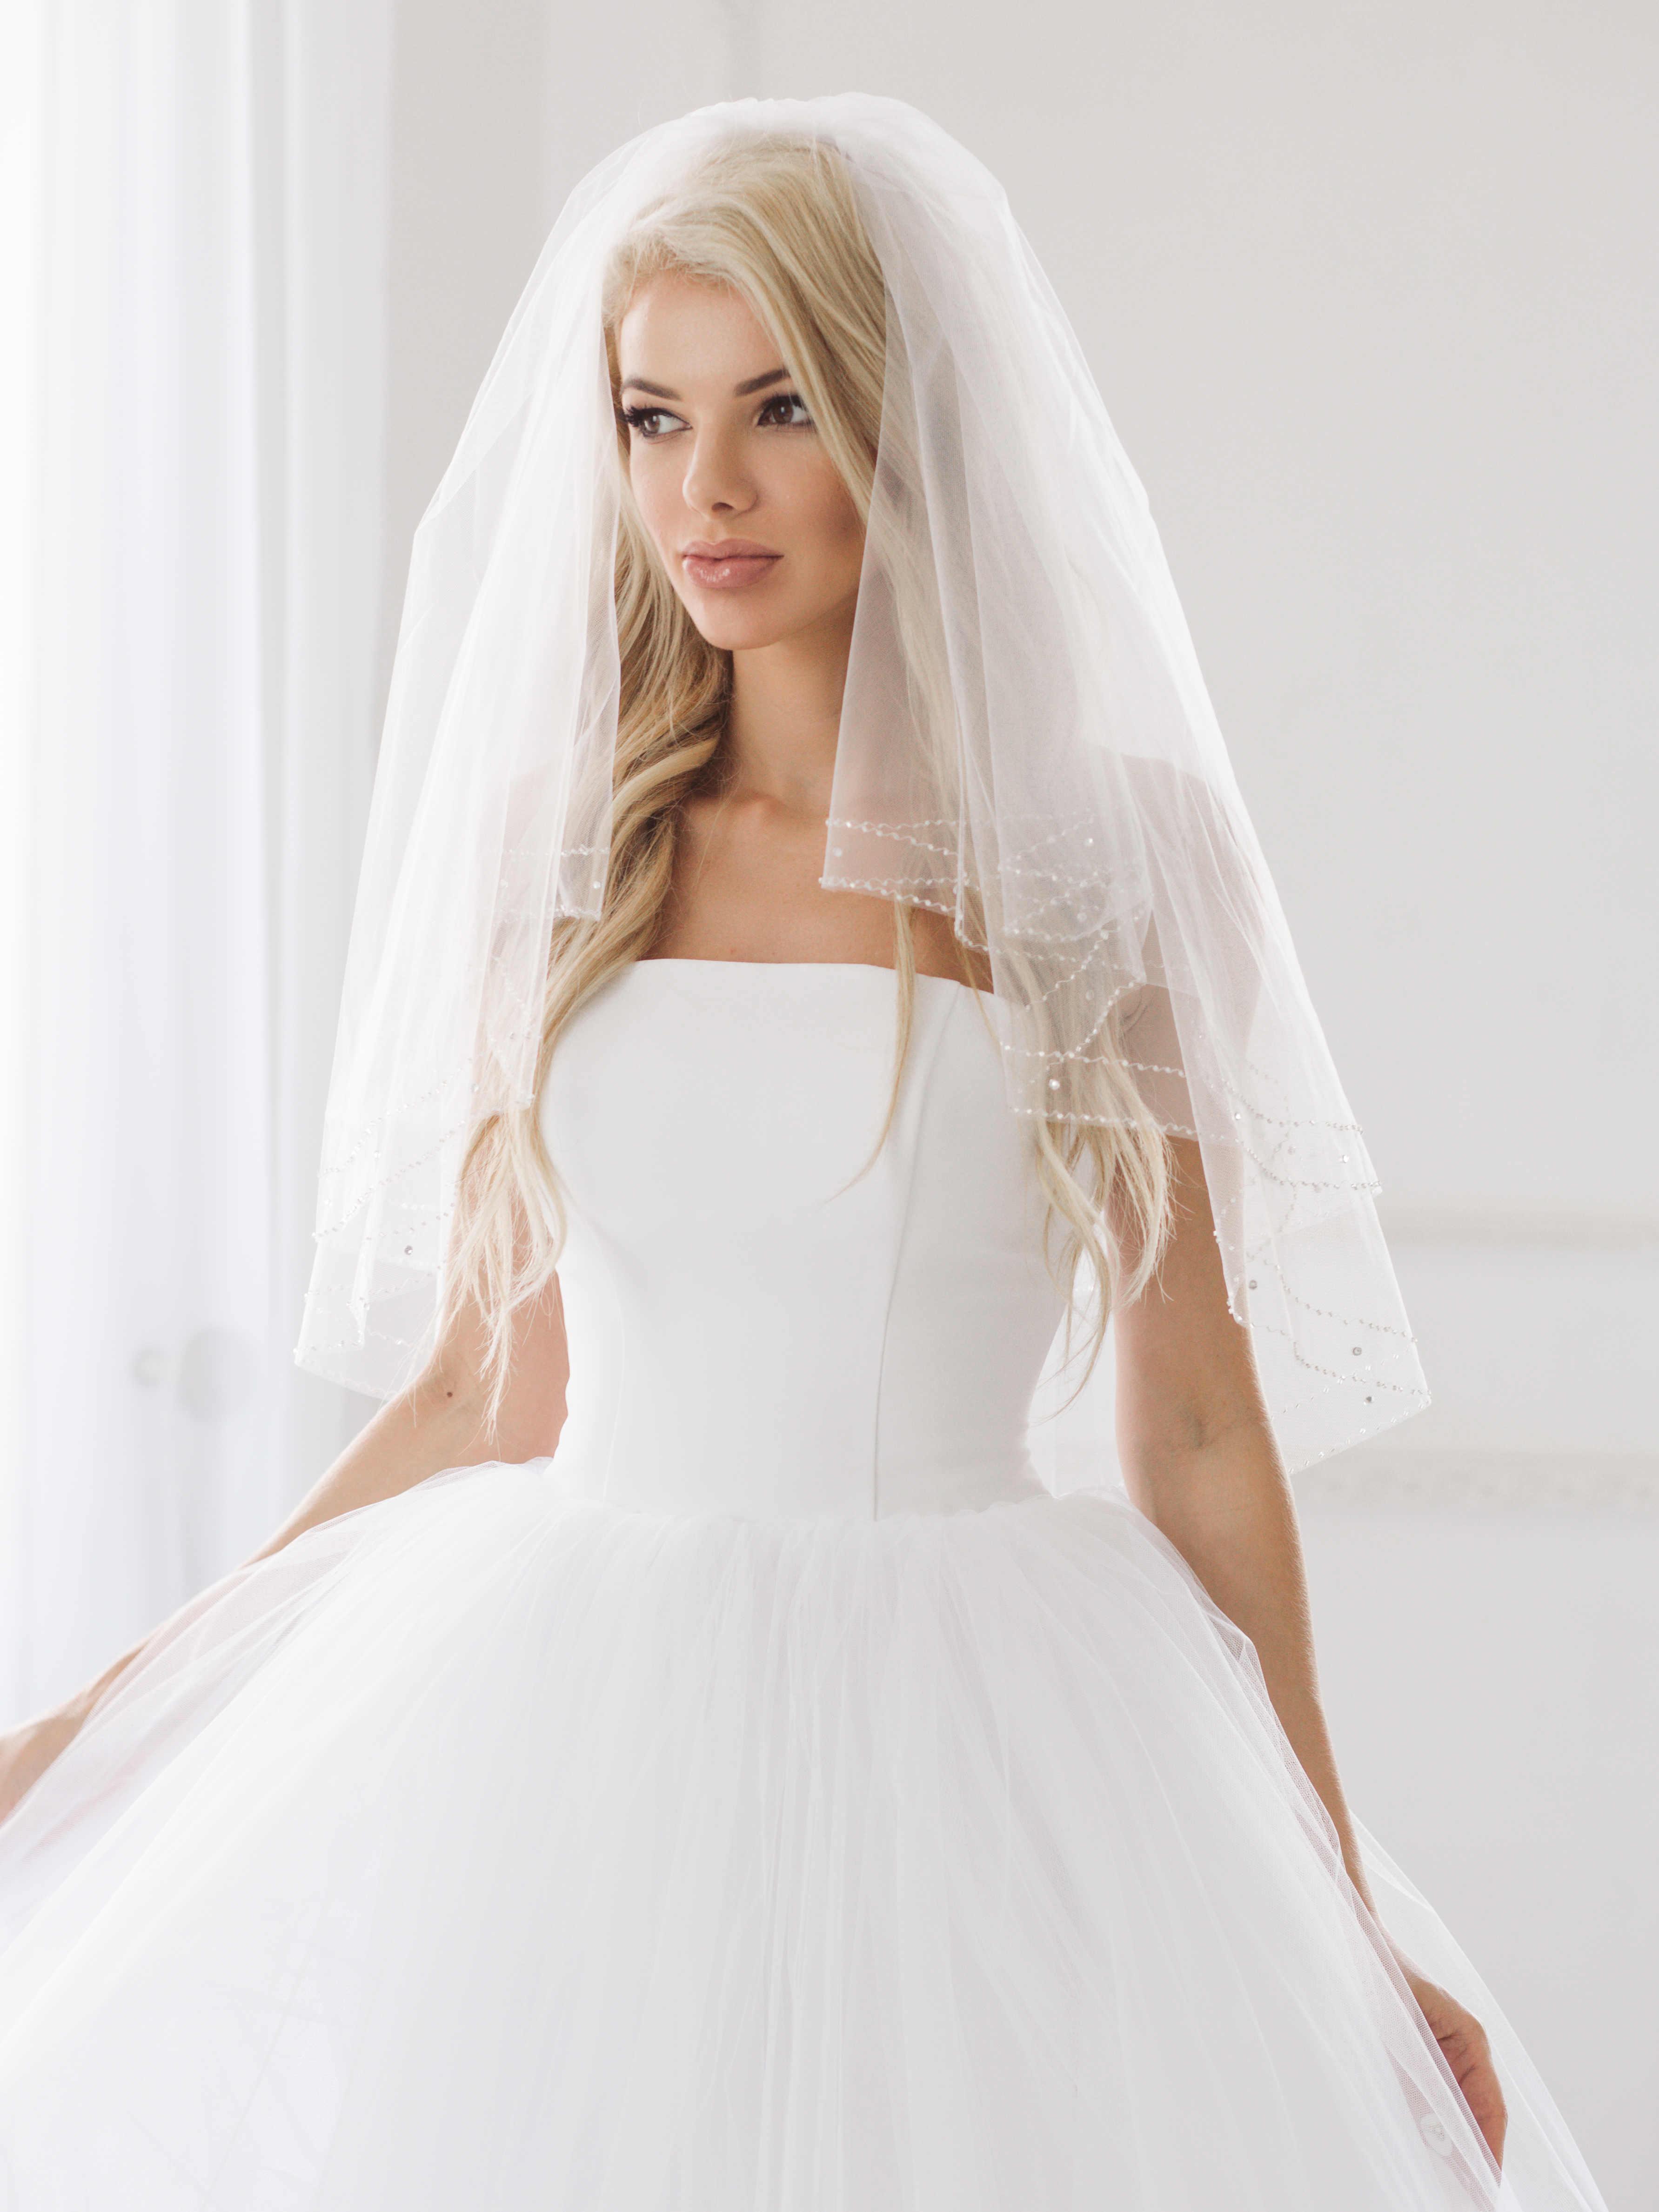 Фото равшаны курковой в белом платье словам